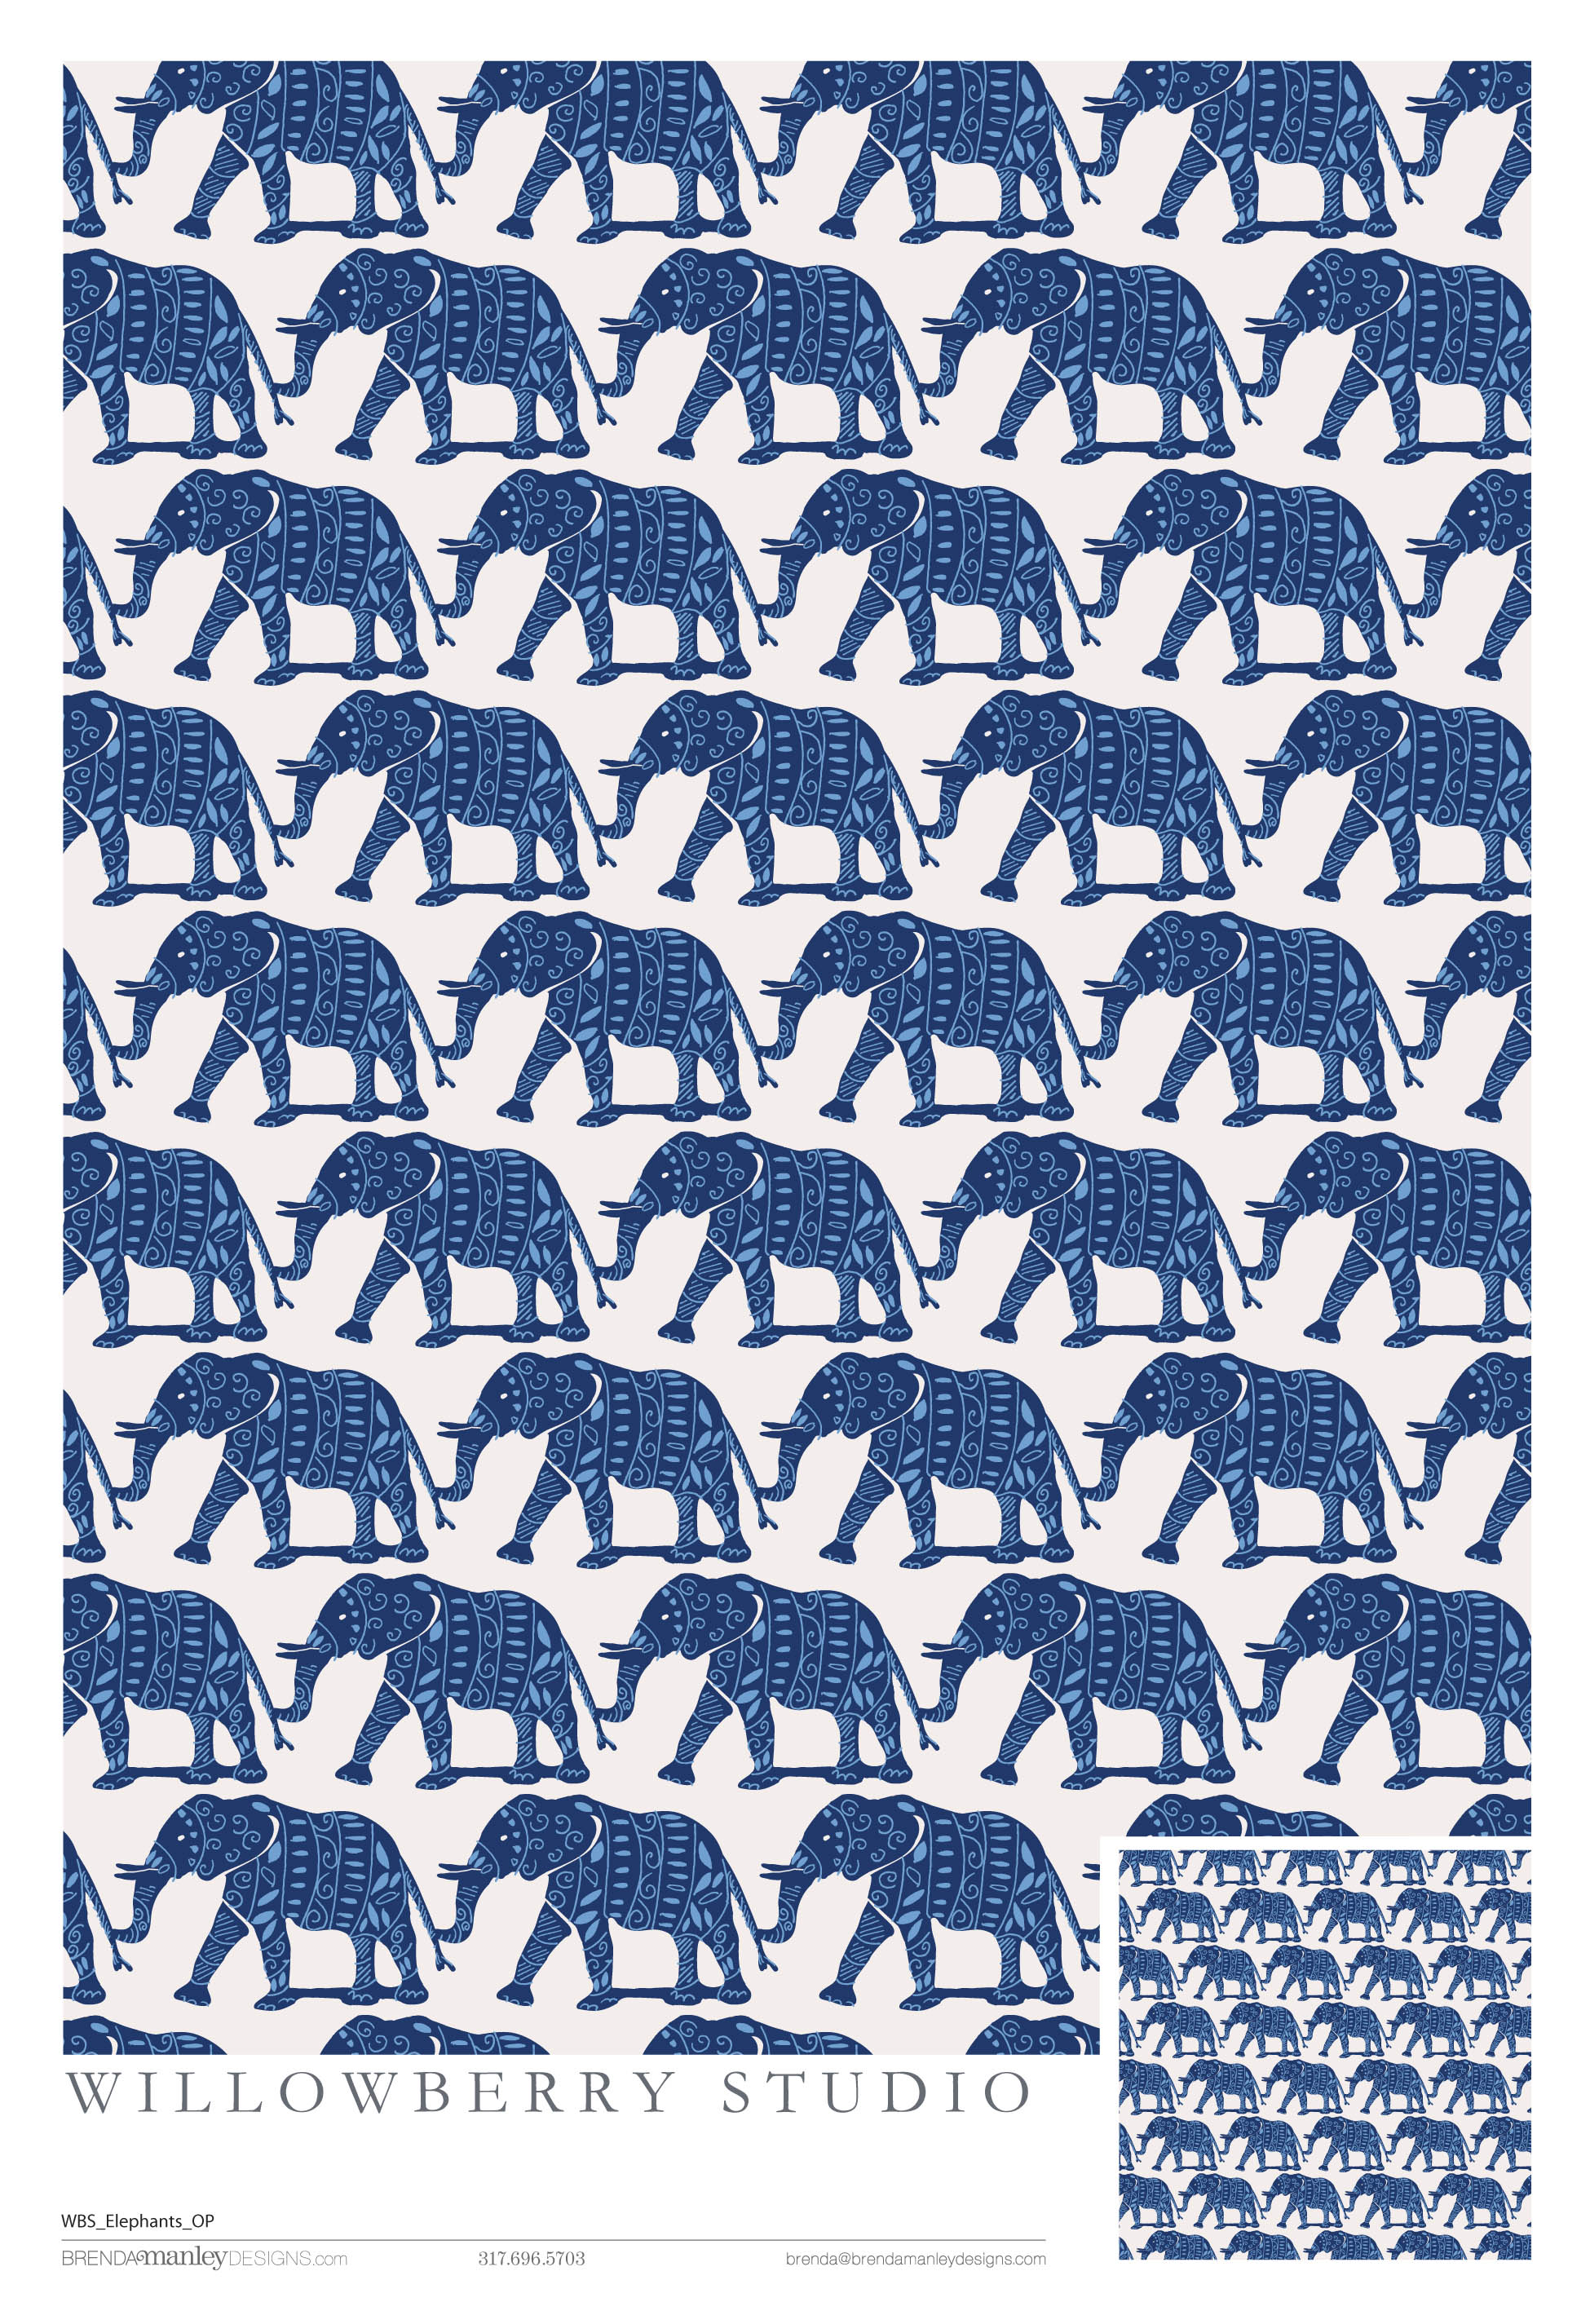 WBS_Elephants_OP.jpg